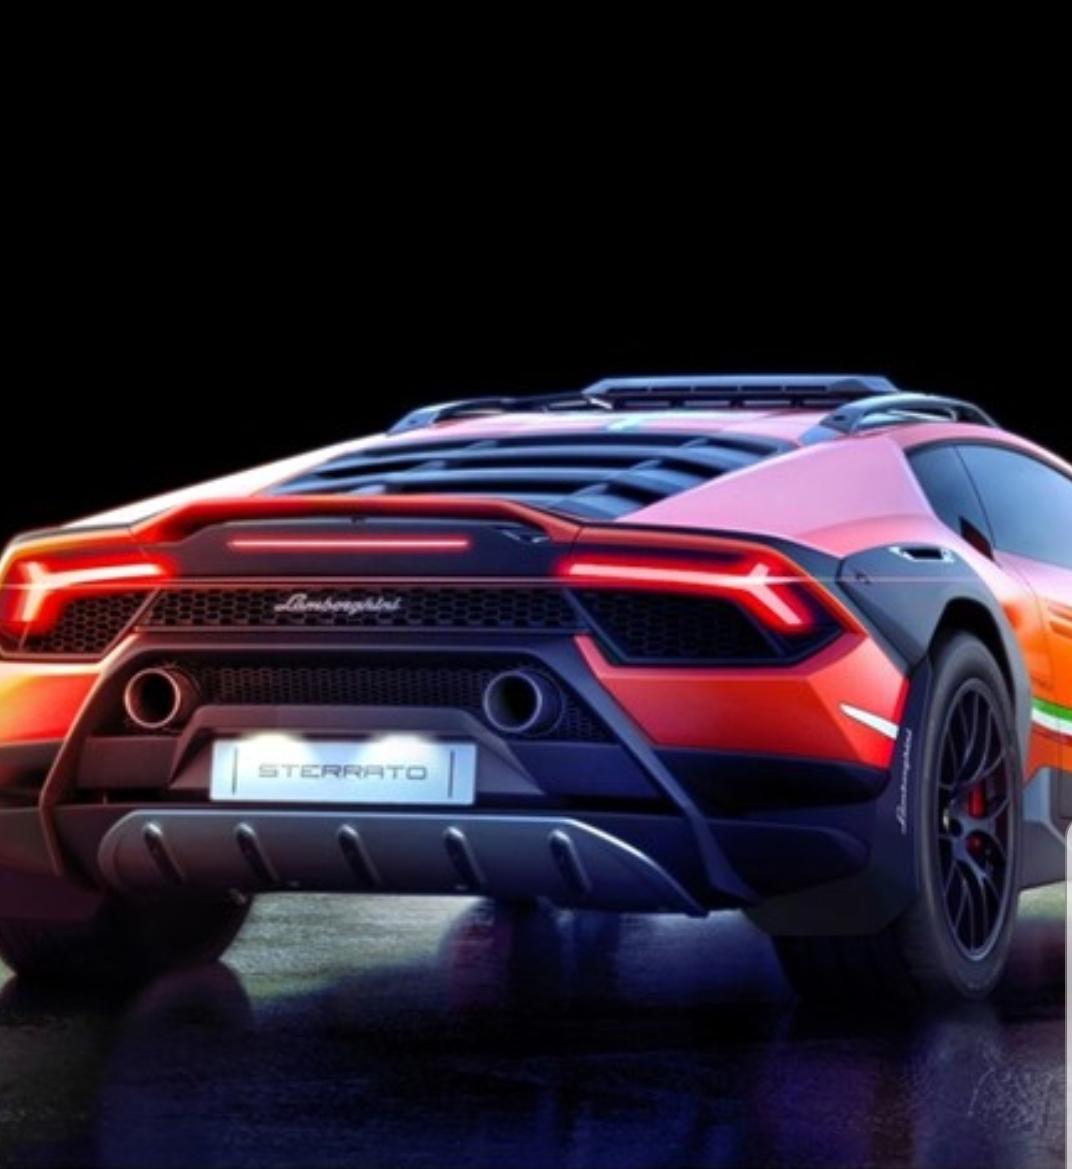 Automobili Lamborghini conquers new territory with the Huracán Sterrato Concept